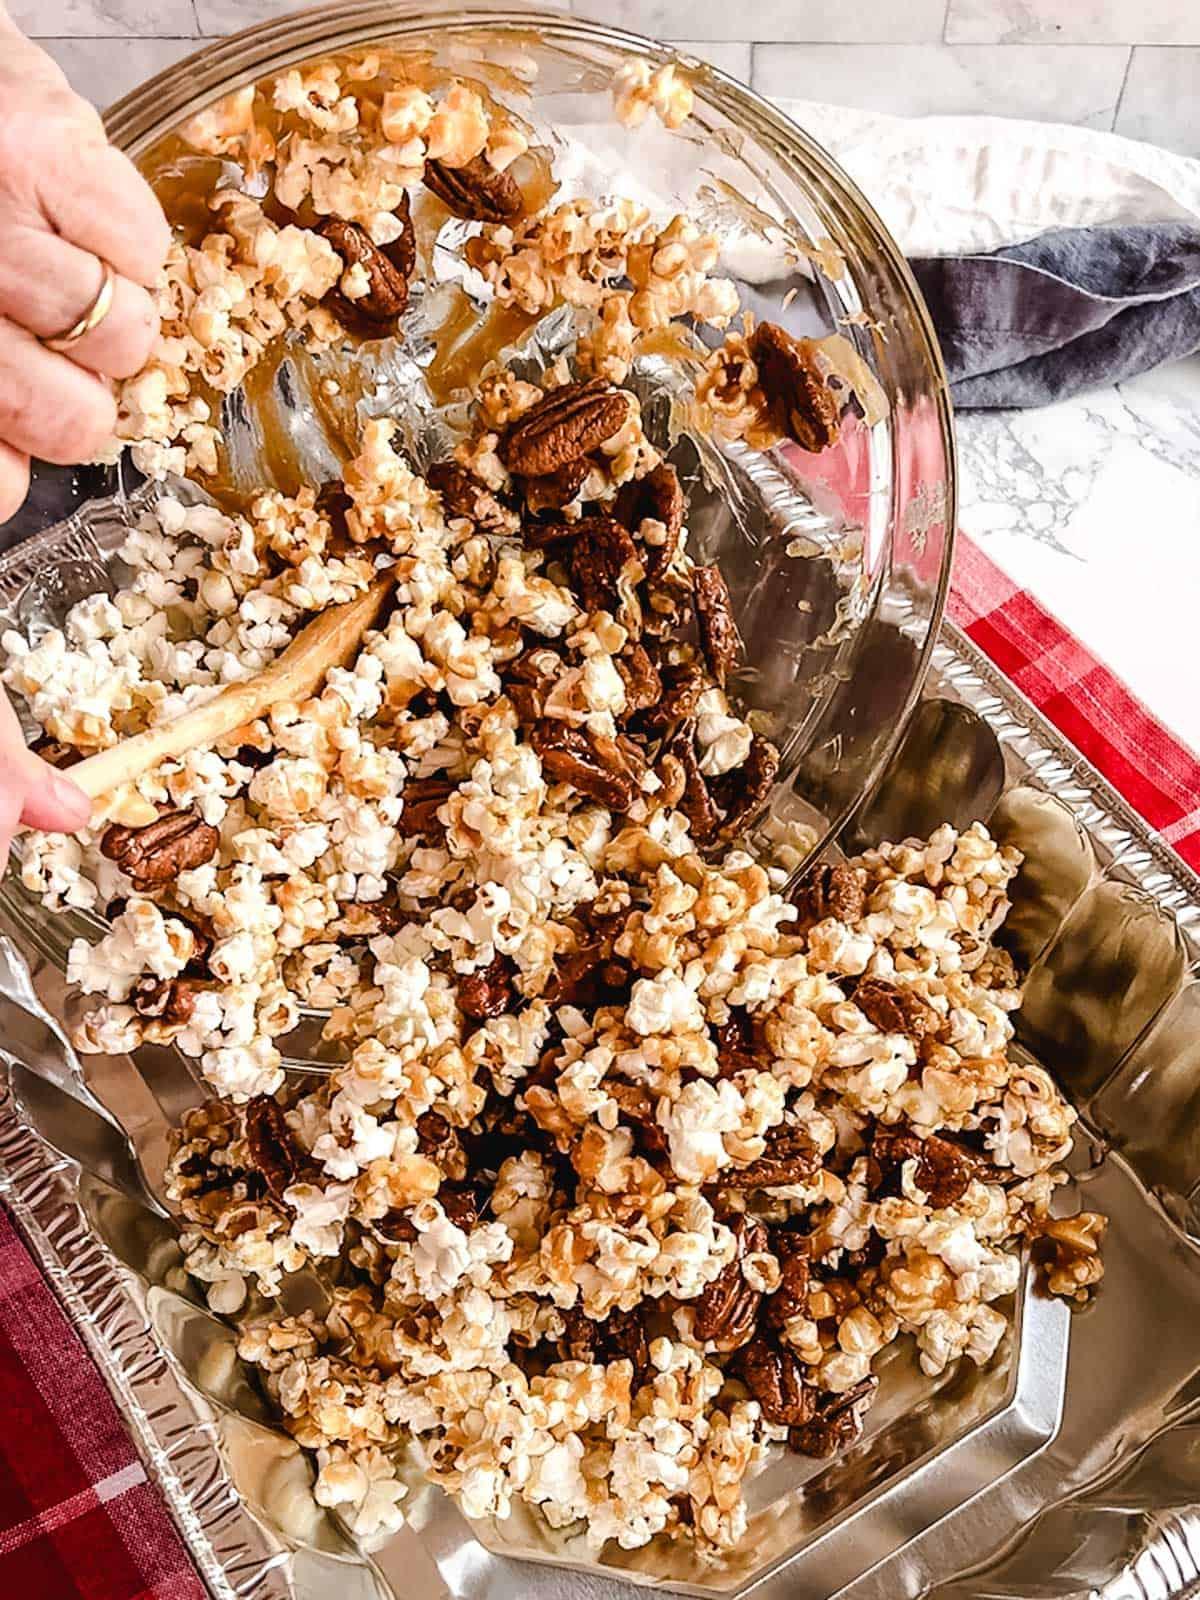 Dumping the pecan praline popcorn into a large aluminum roasting pan.